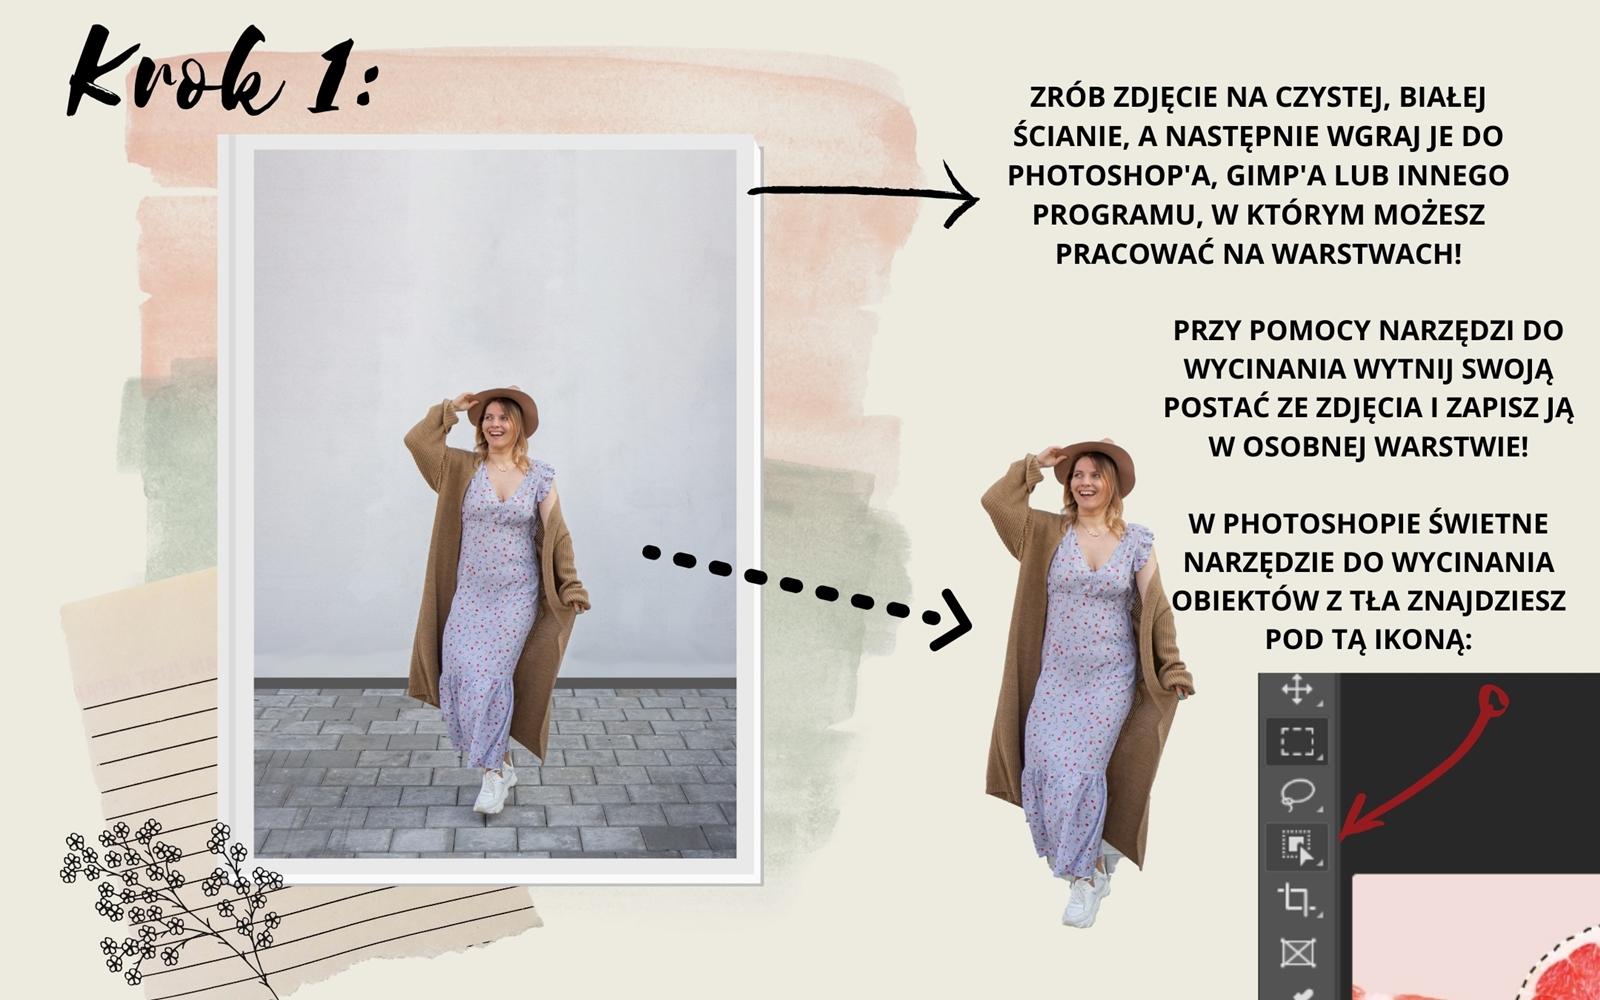 2 how change wall in photoshop instagram photo ideas in home pomysły na zdjęcia na instagramie